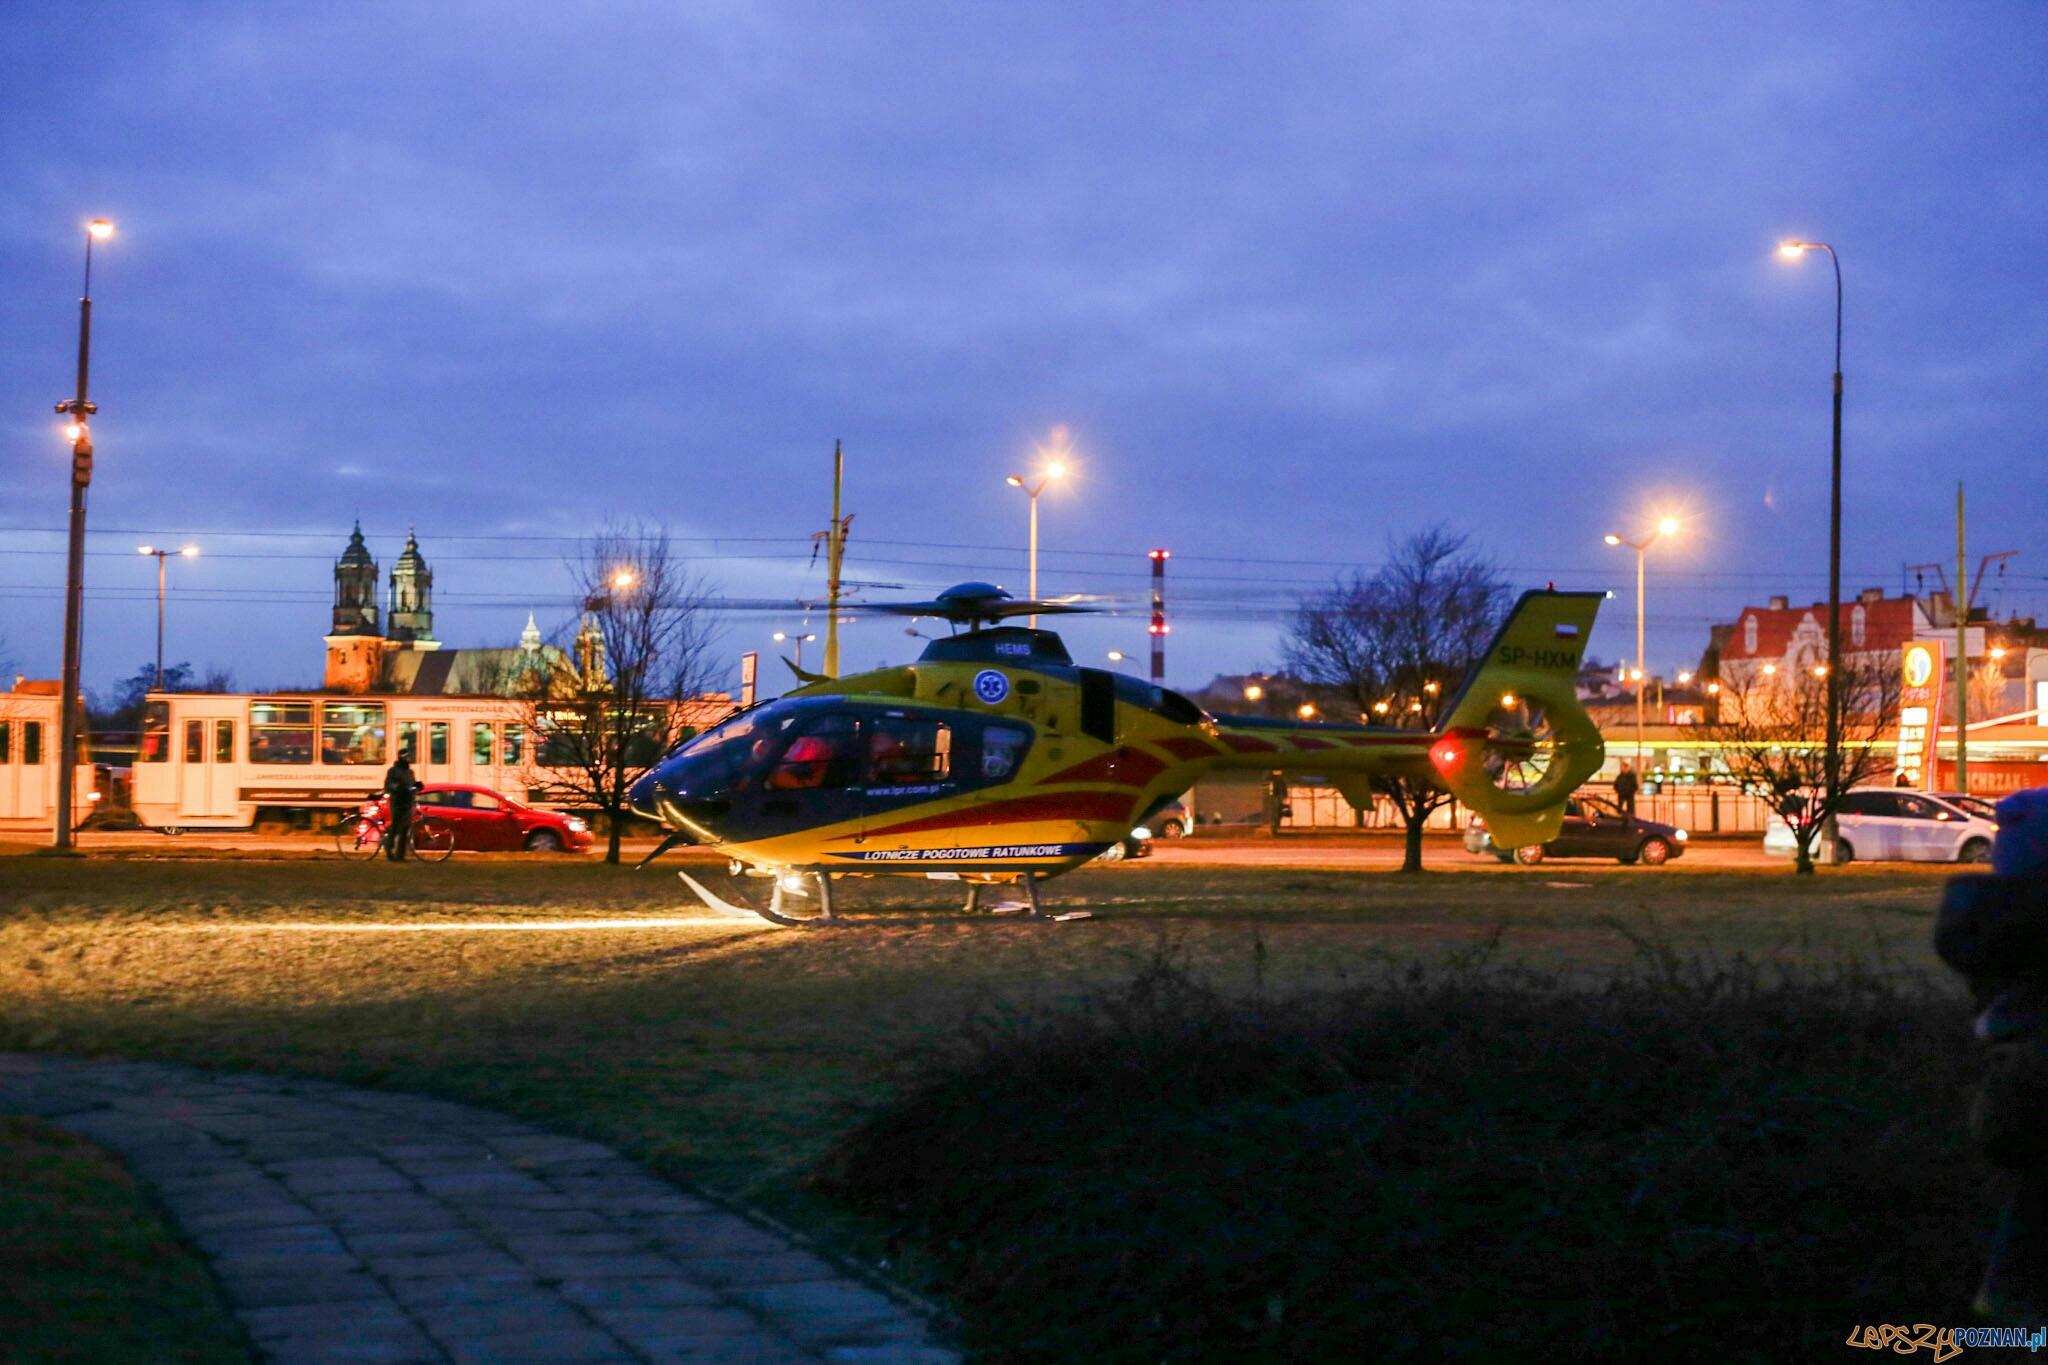 Lądowanie śmigłowca LPR  Foto: lepszyPOZNAN.pl / Piotr Rychter